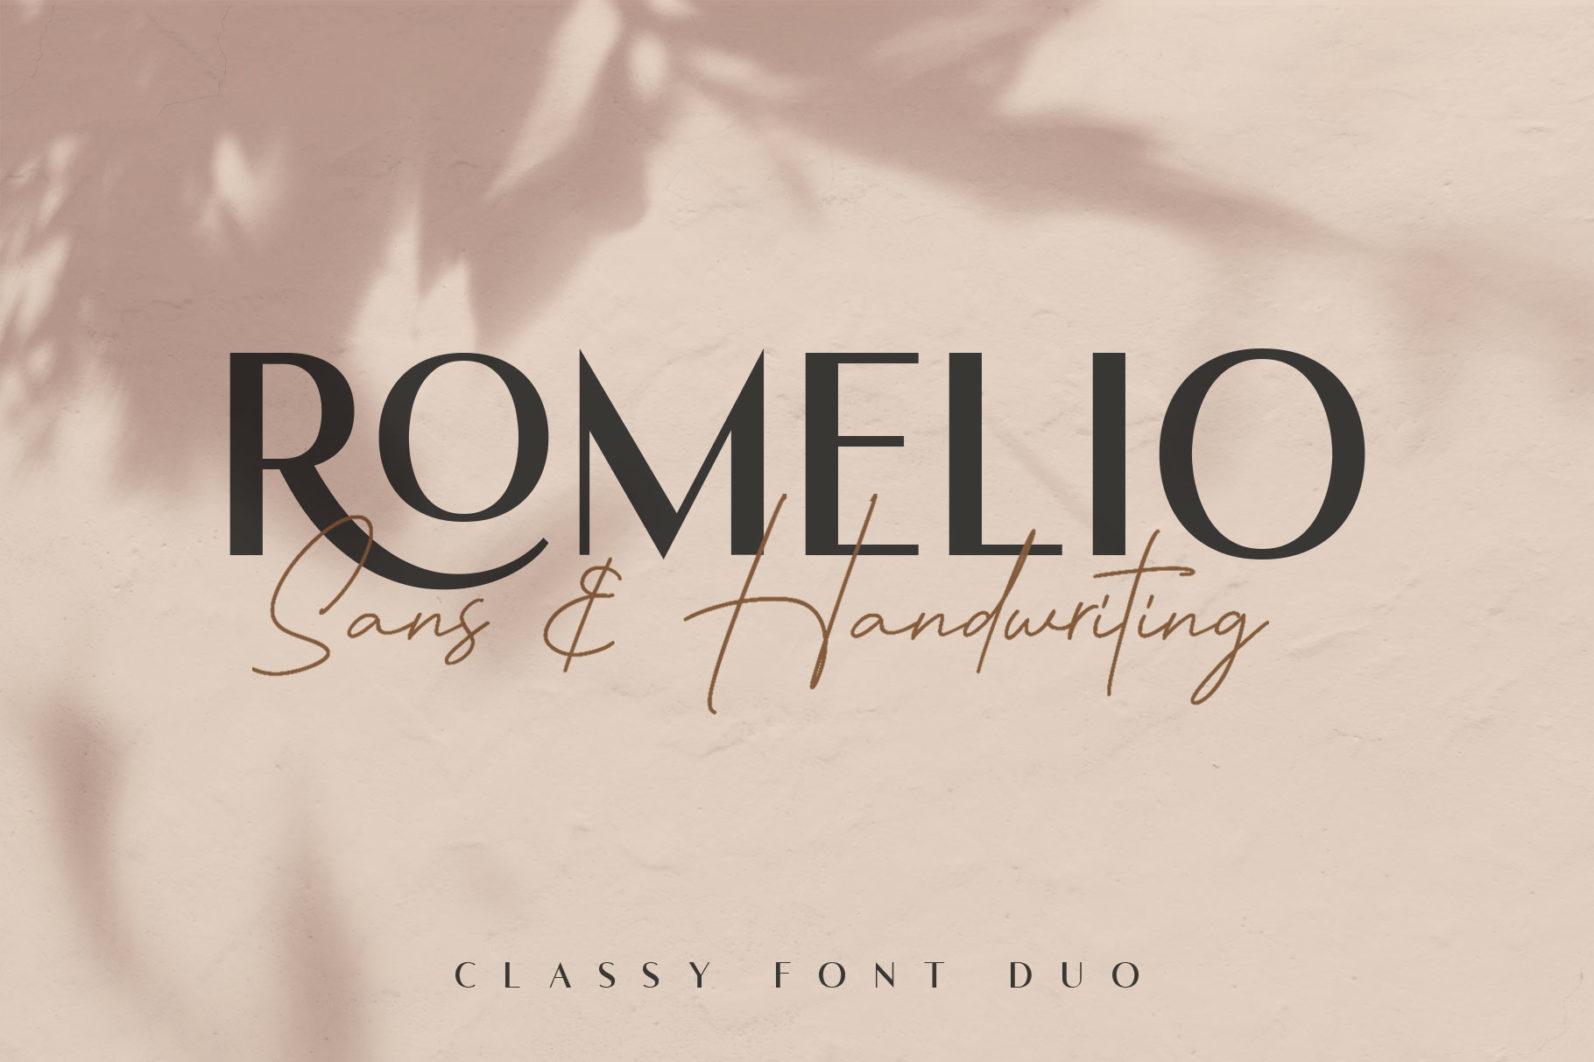 Romelio - Font Duo - 1 326 -